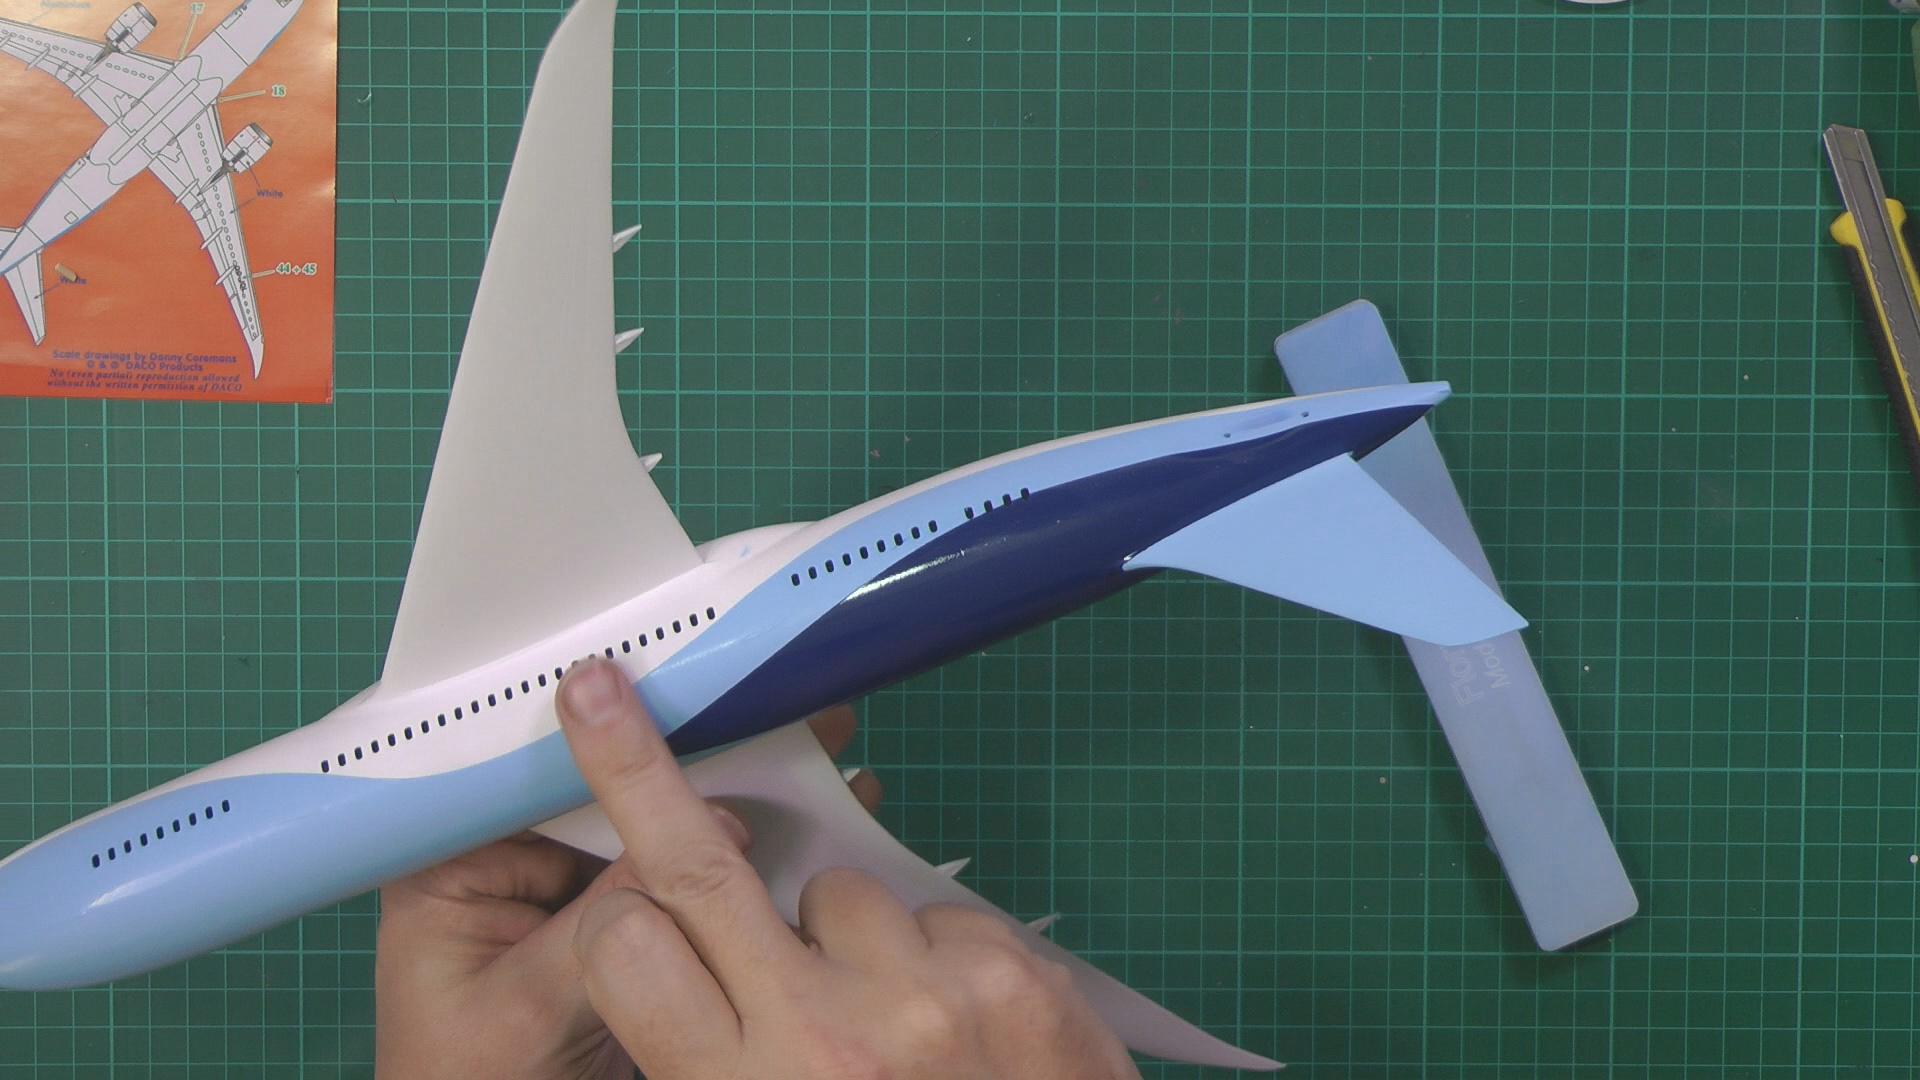 Revell 787 Dreamliner Part 5 PIC 1.jpg